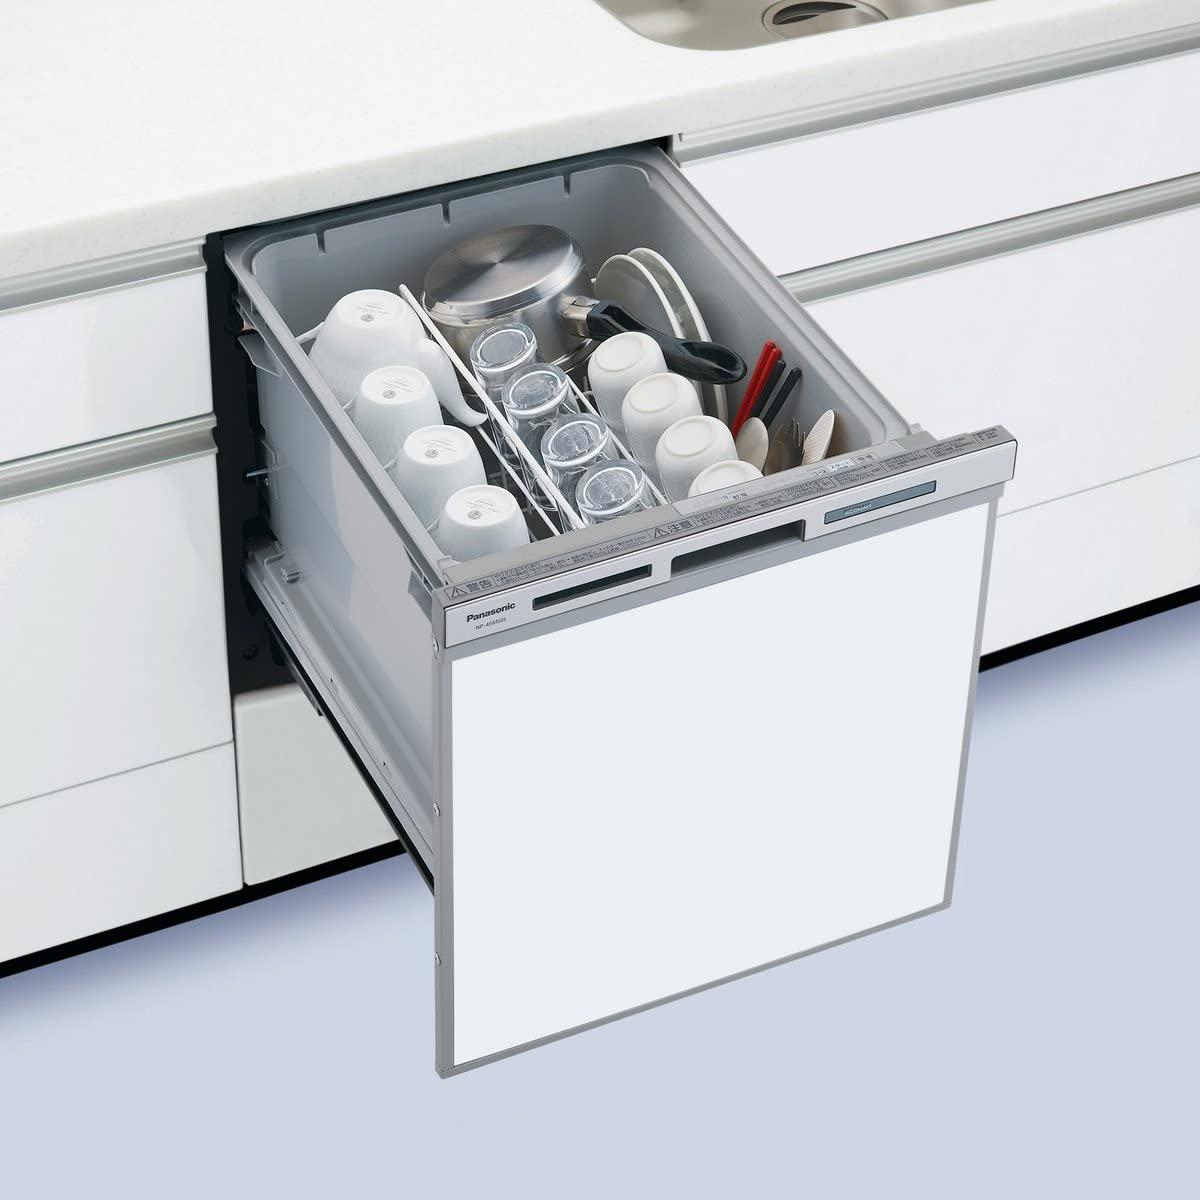 Panasonic(パナソニック) ビルトイン食器洗い乾燥機 NP-45MS8Sの商品画像2